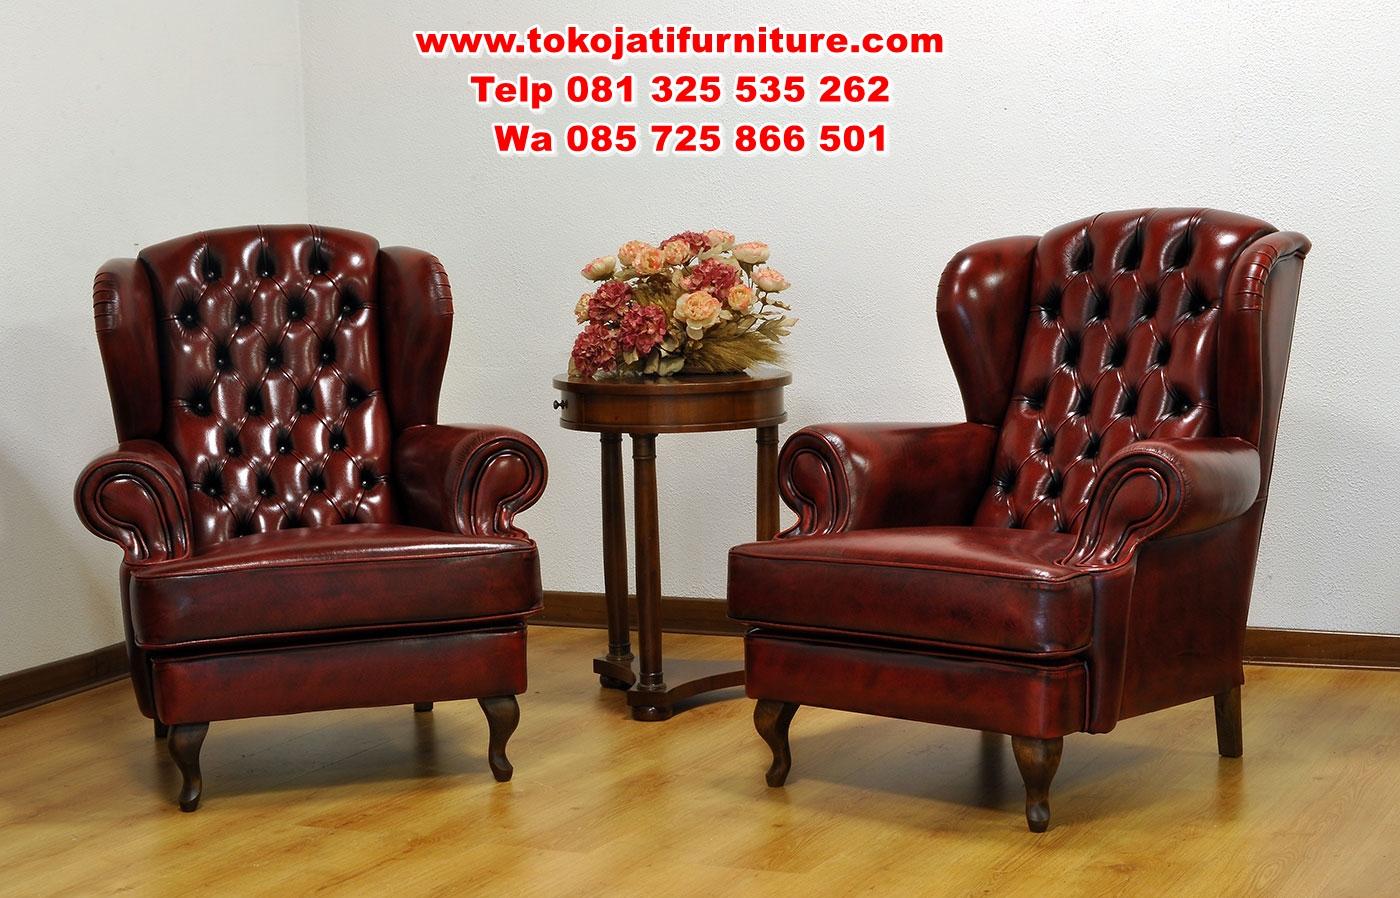 Poltrone-Bergere-con-capitonne-in-pelle-invecchiata-rossa kursi teras sofa minimalis modern